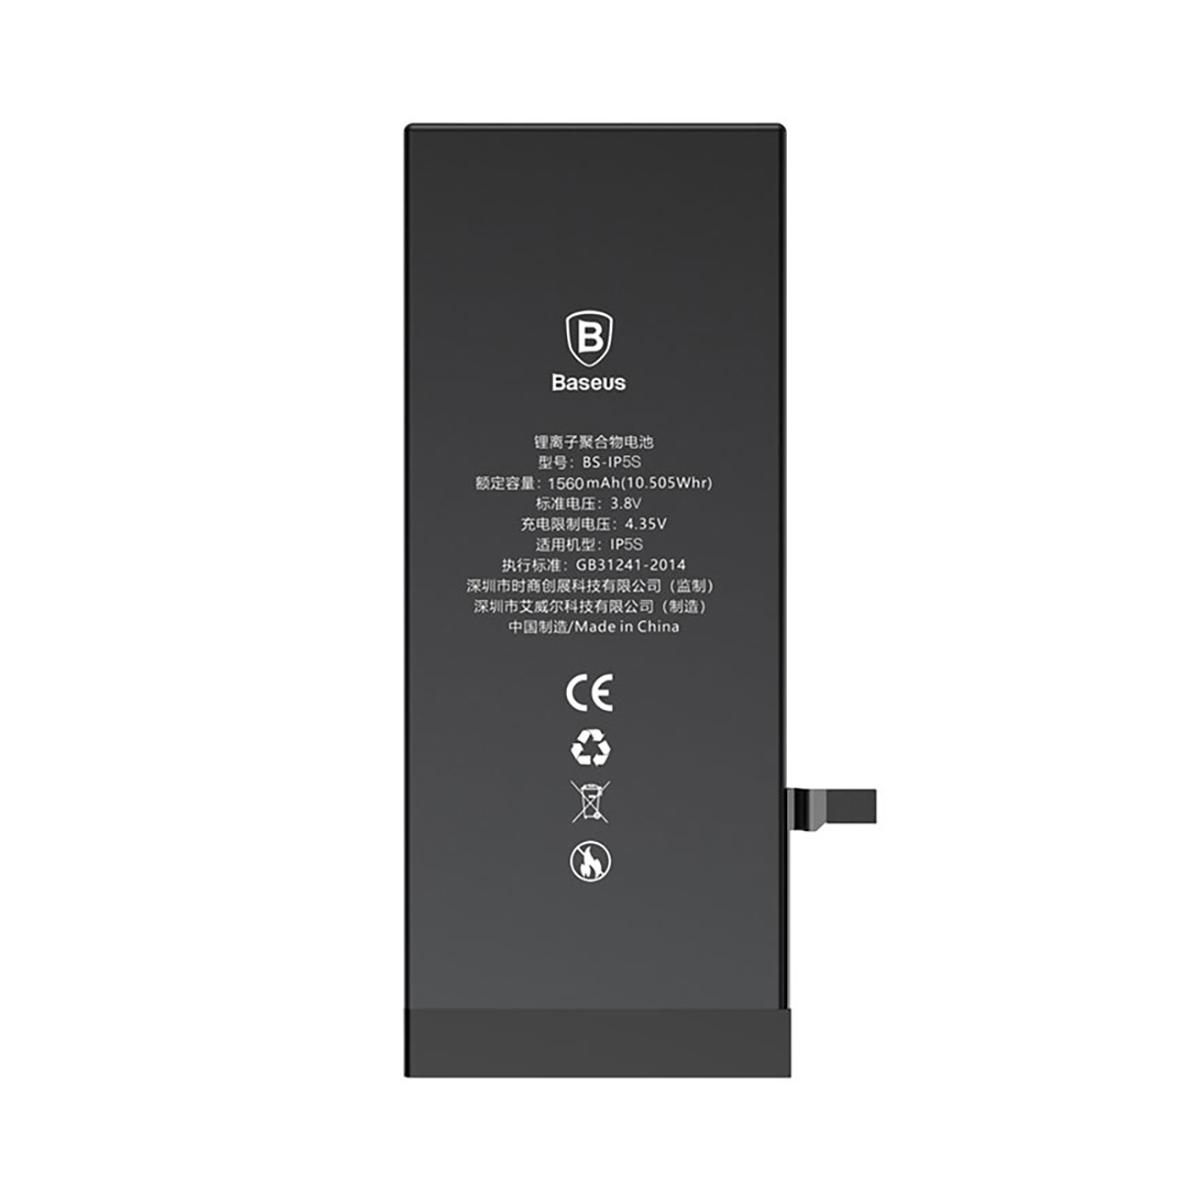 باتری موبایل باسئوس مدل ACCB-AIP5S ظرفیت 1560 میلی آمپر ساعت مناسب برای گوشی موبایل اپل iPhone 5S